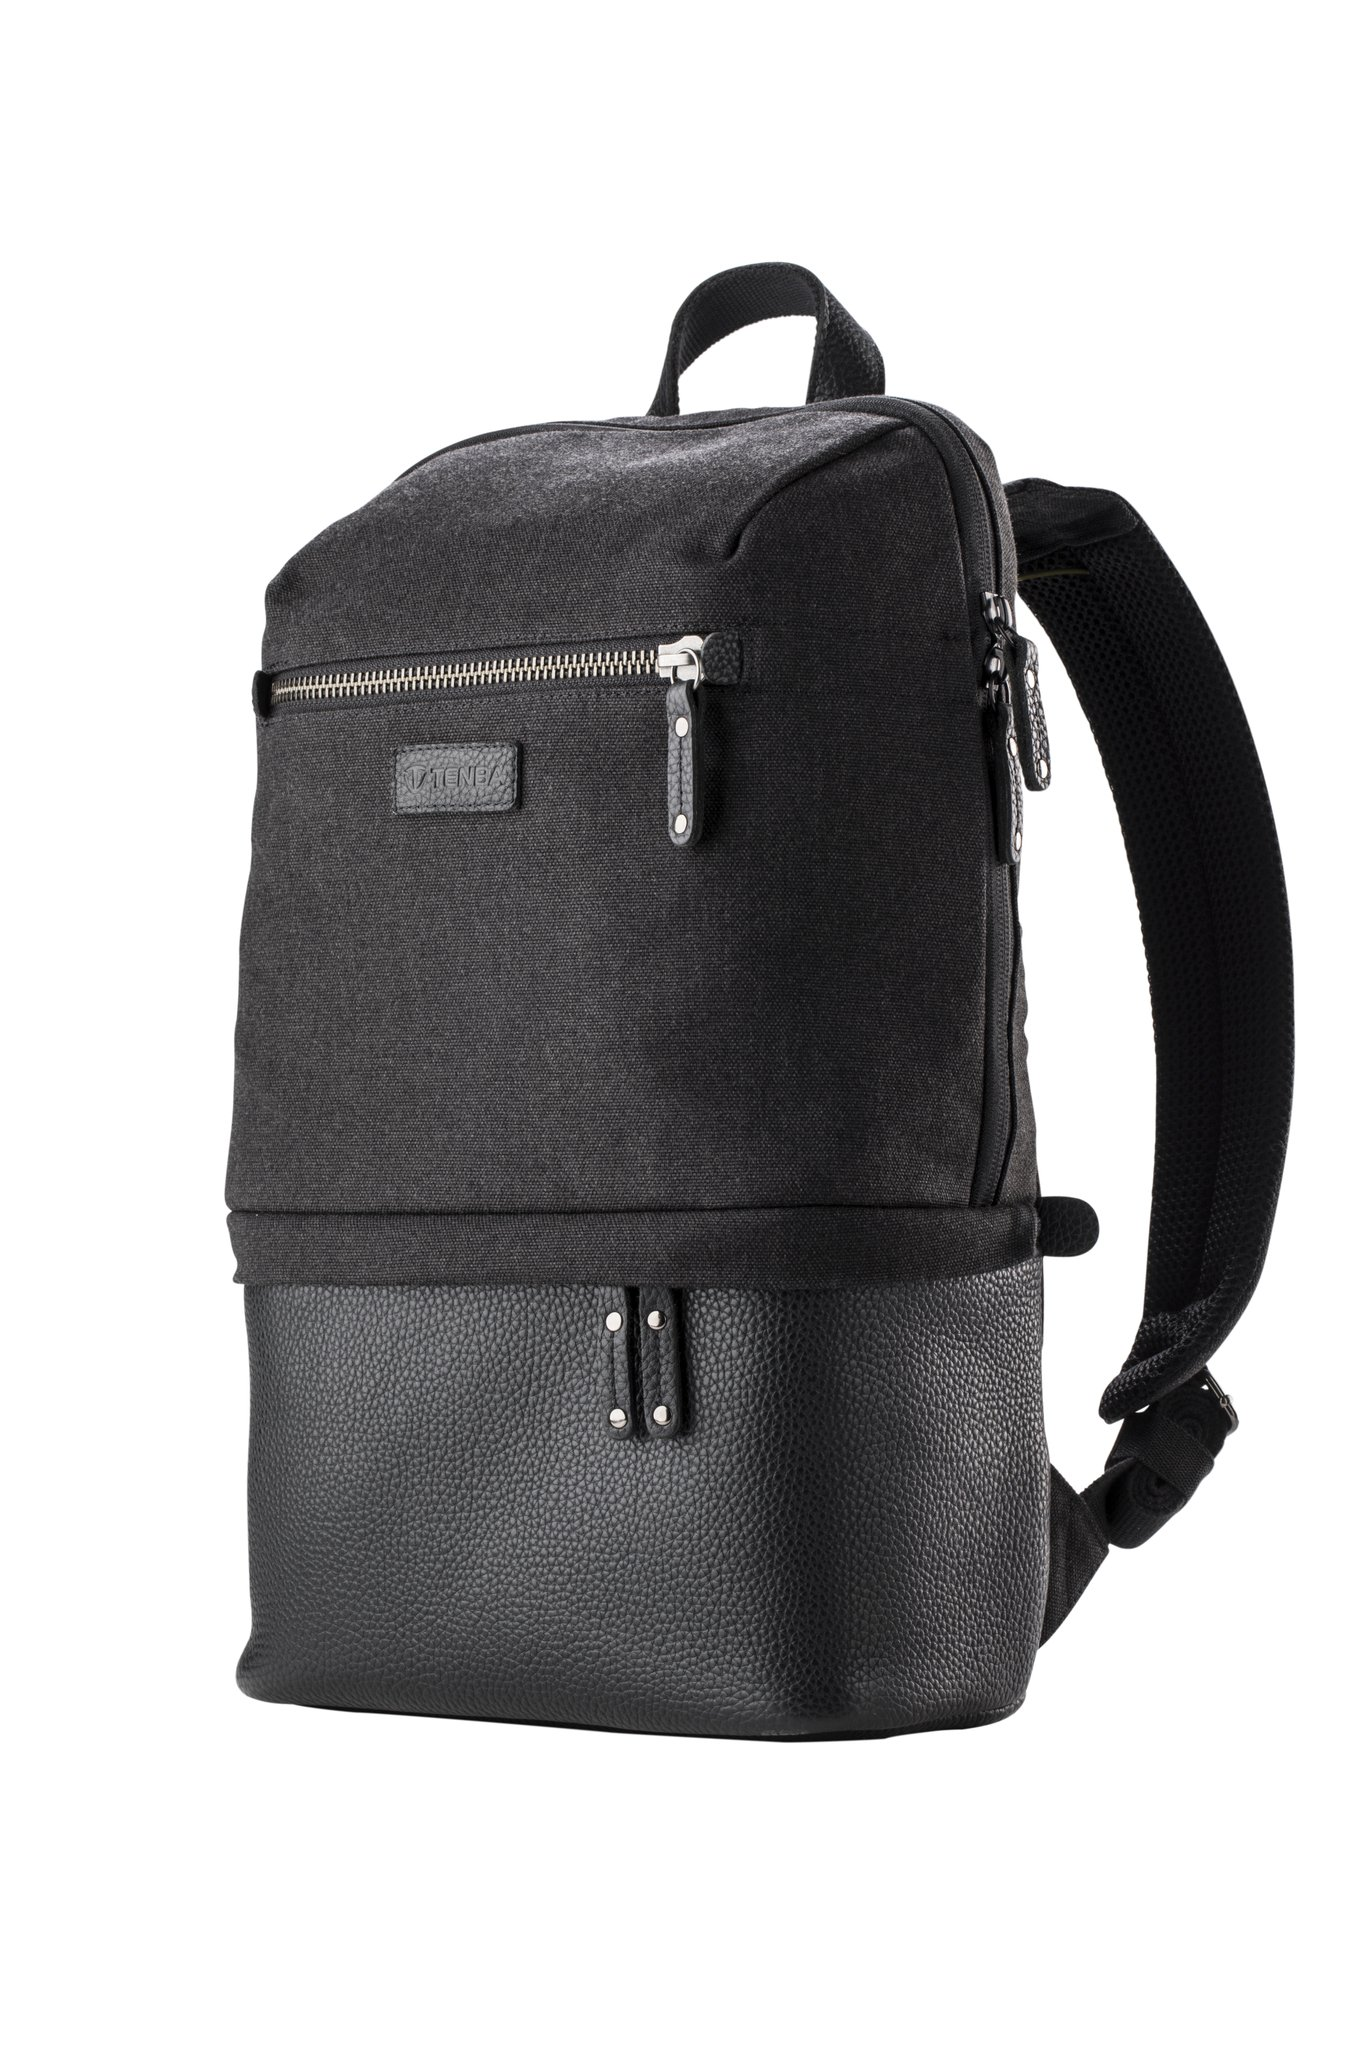 Tenba Cooper Bag Slim Backpack, Gray (637-407)